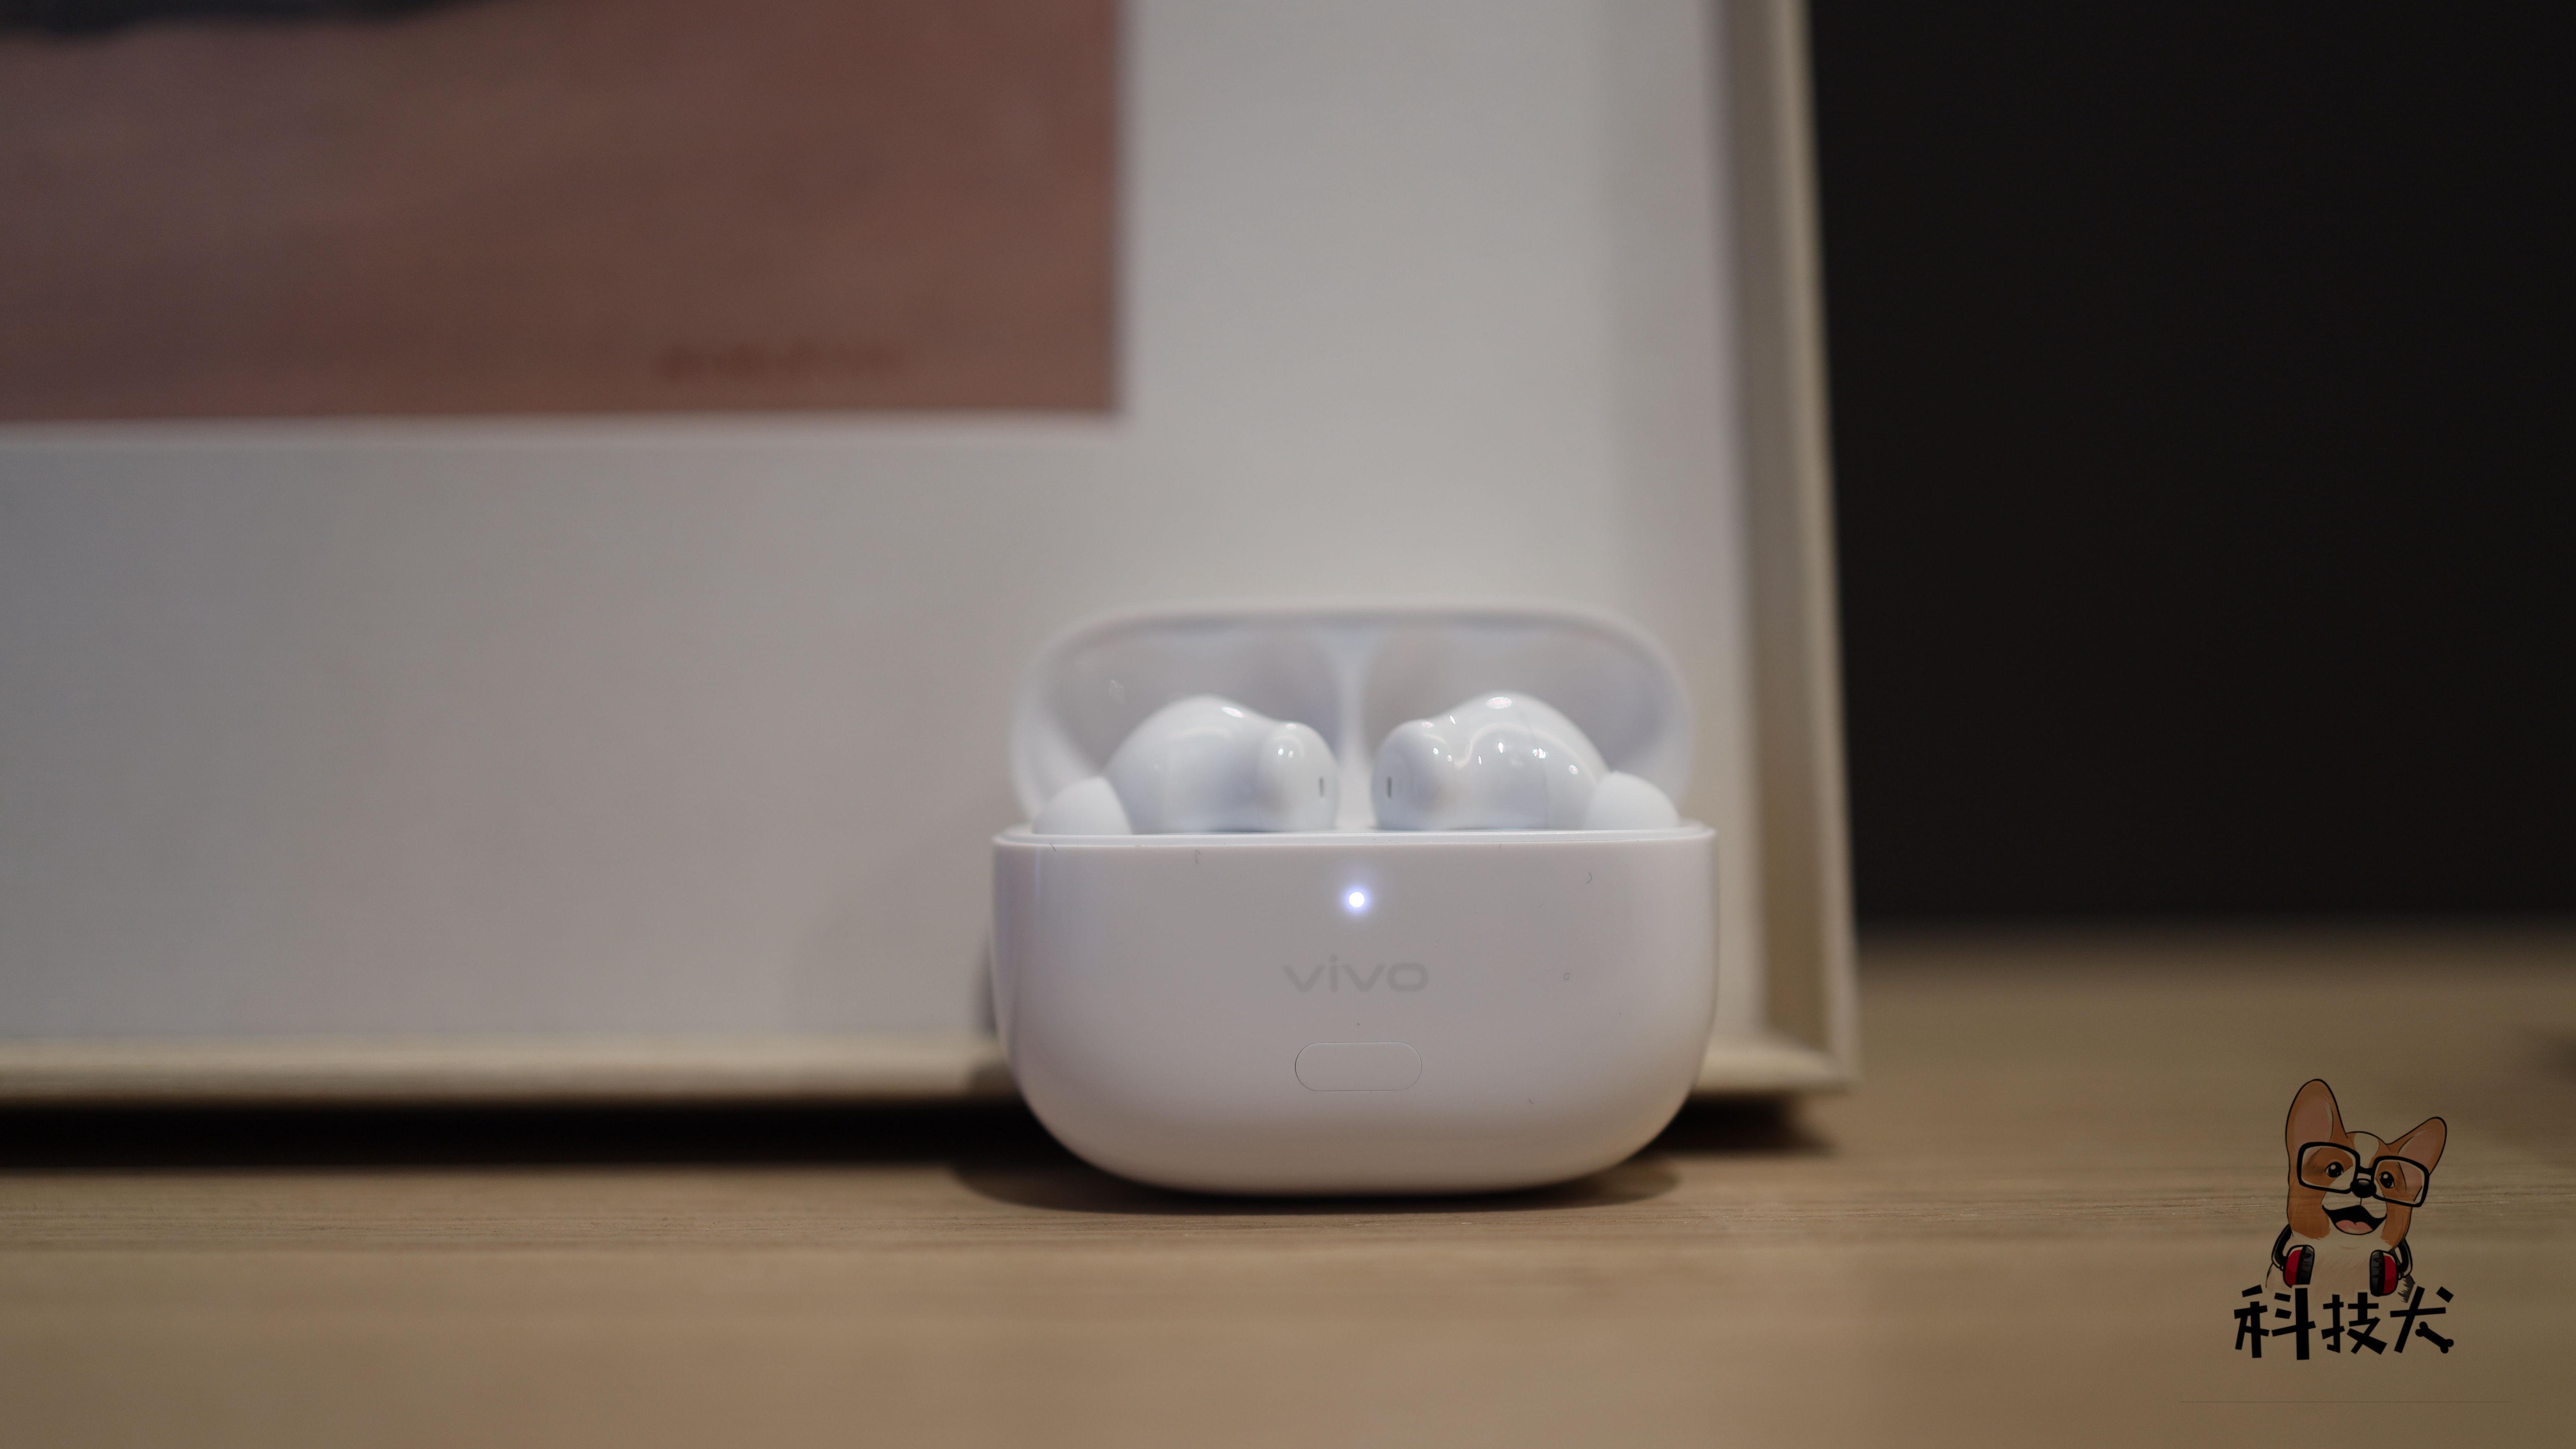 vivo TWS 2降噪耳机评测:五百元价位段几乎无对手,年中大促必入手